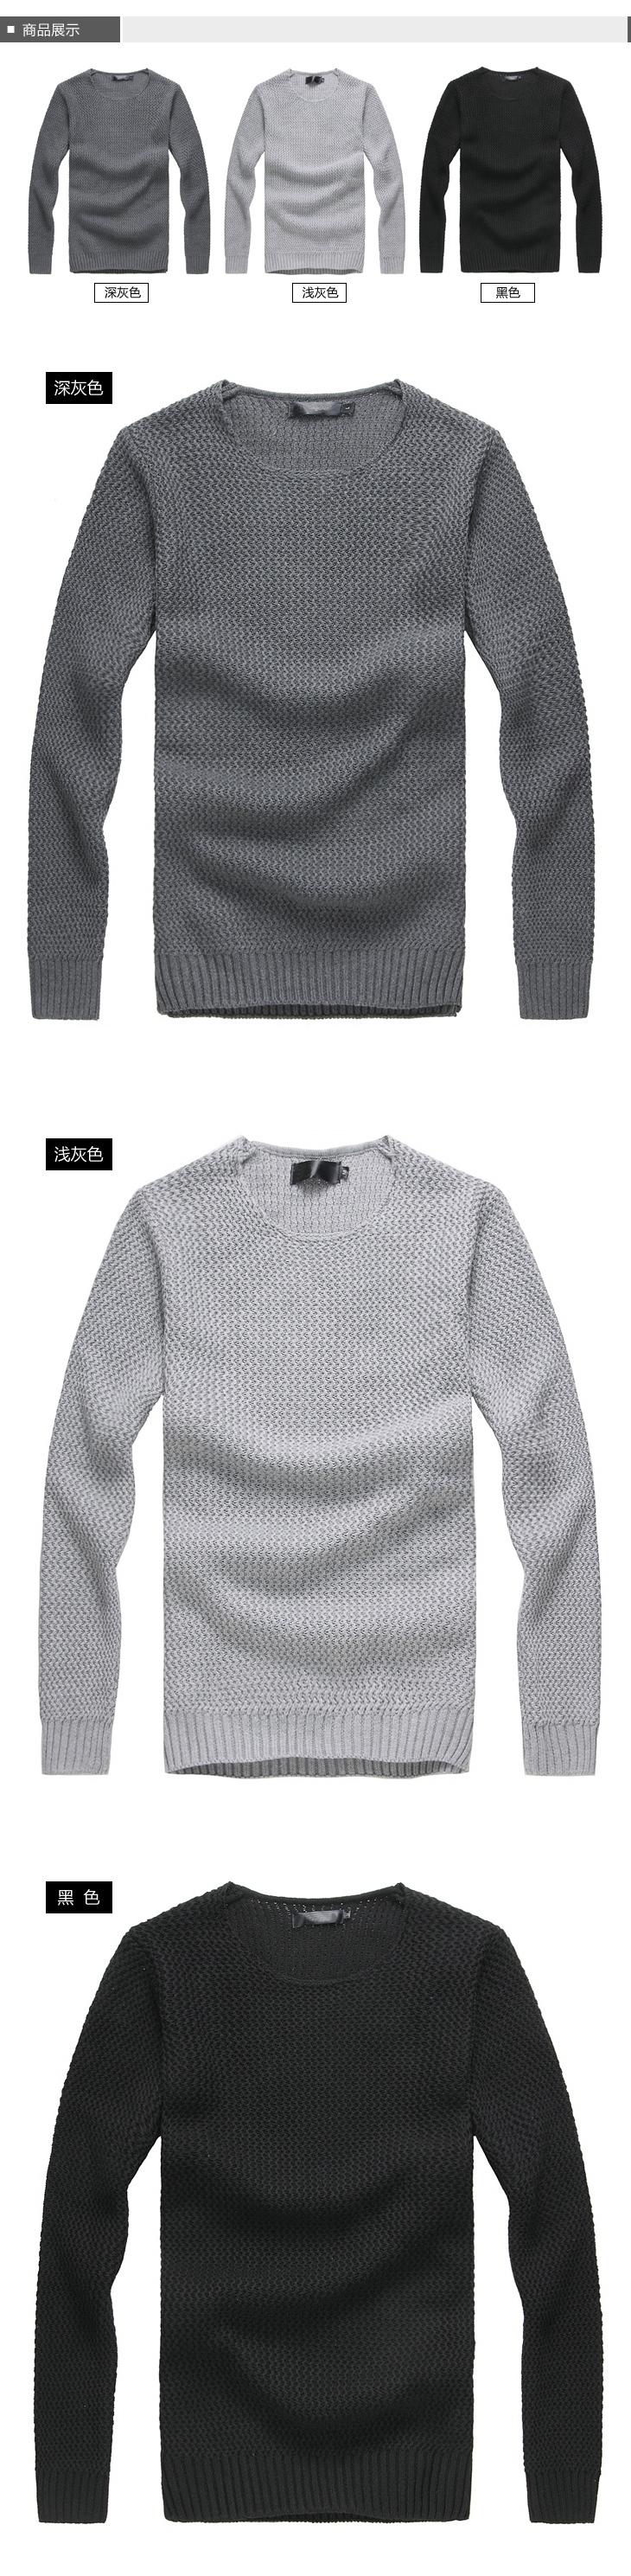 men-vintage-knitwear-sweater-long-sleeve-round-7